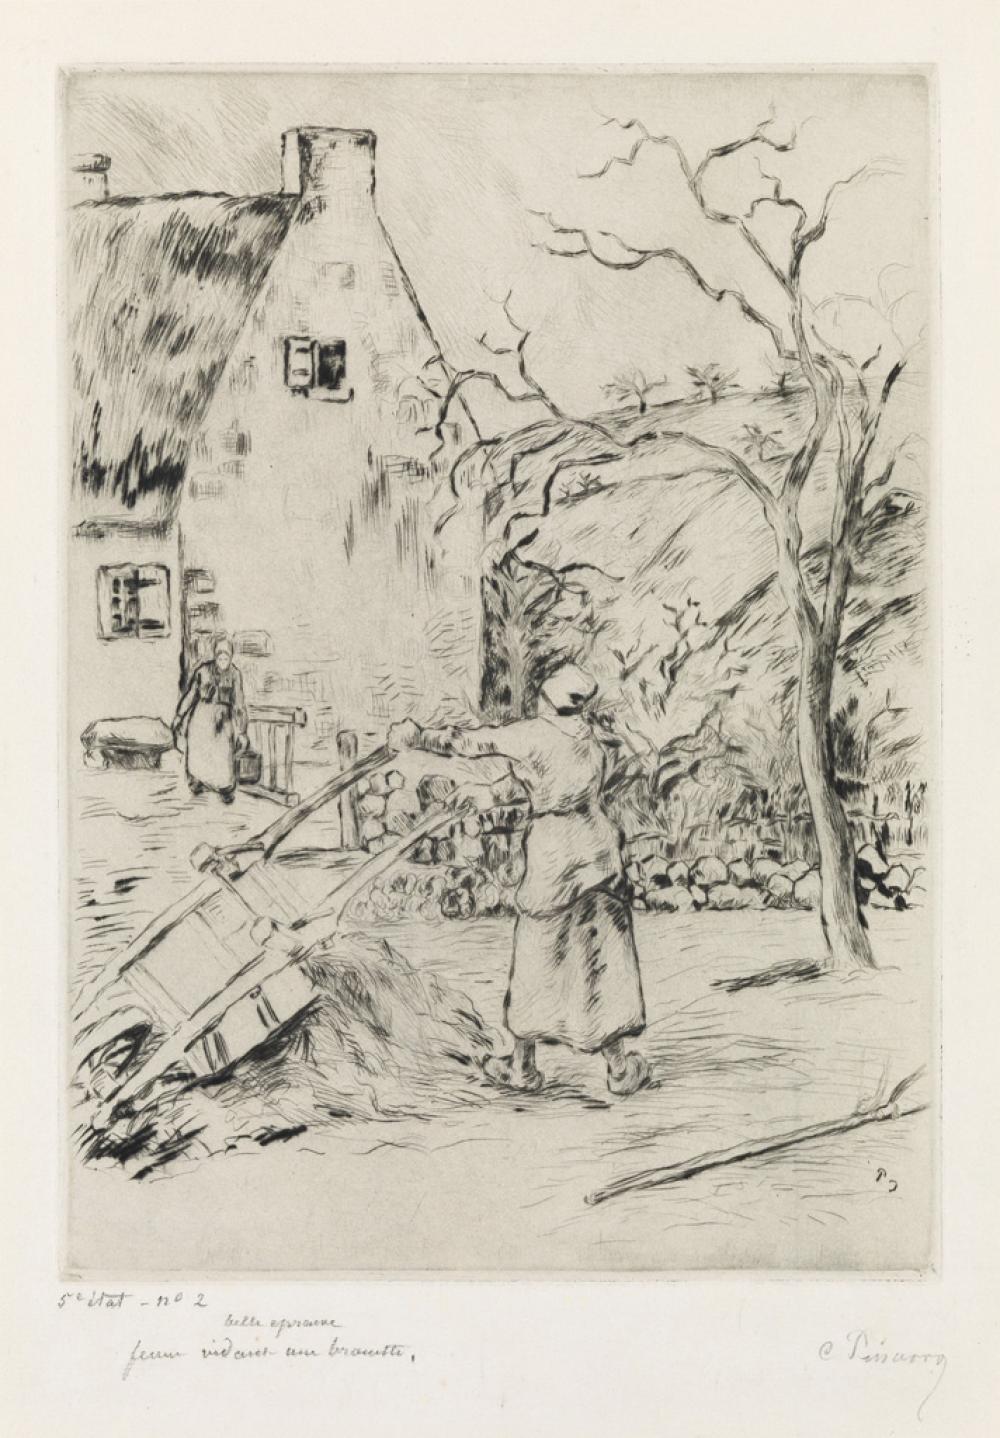 CAMILLE PISSARRO Femme vidant une brouette.